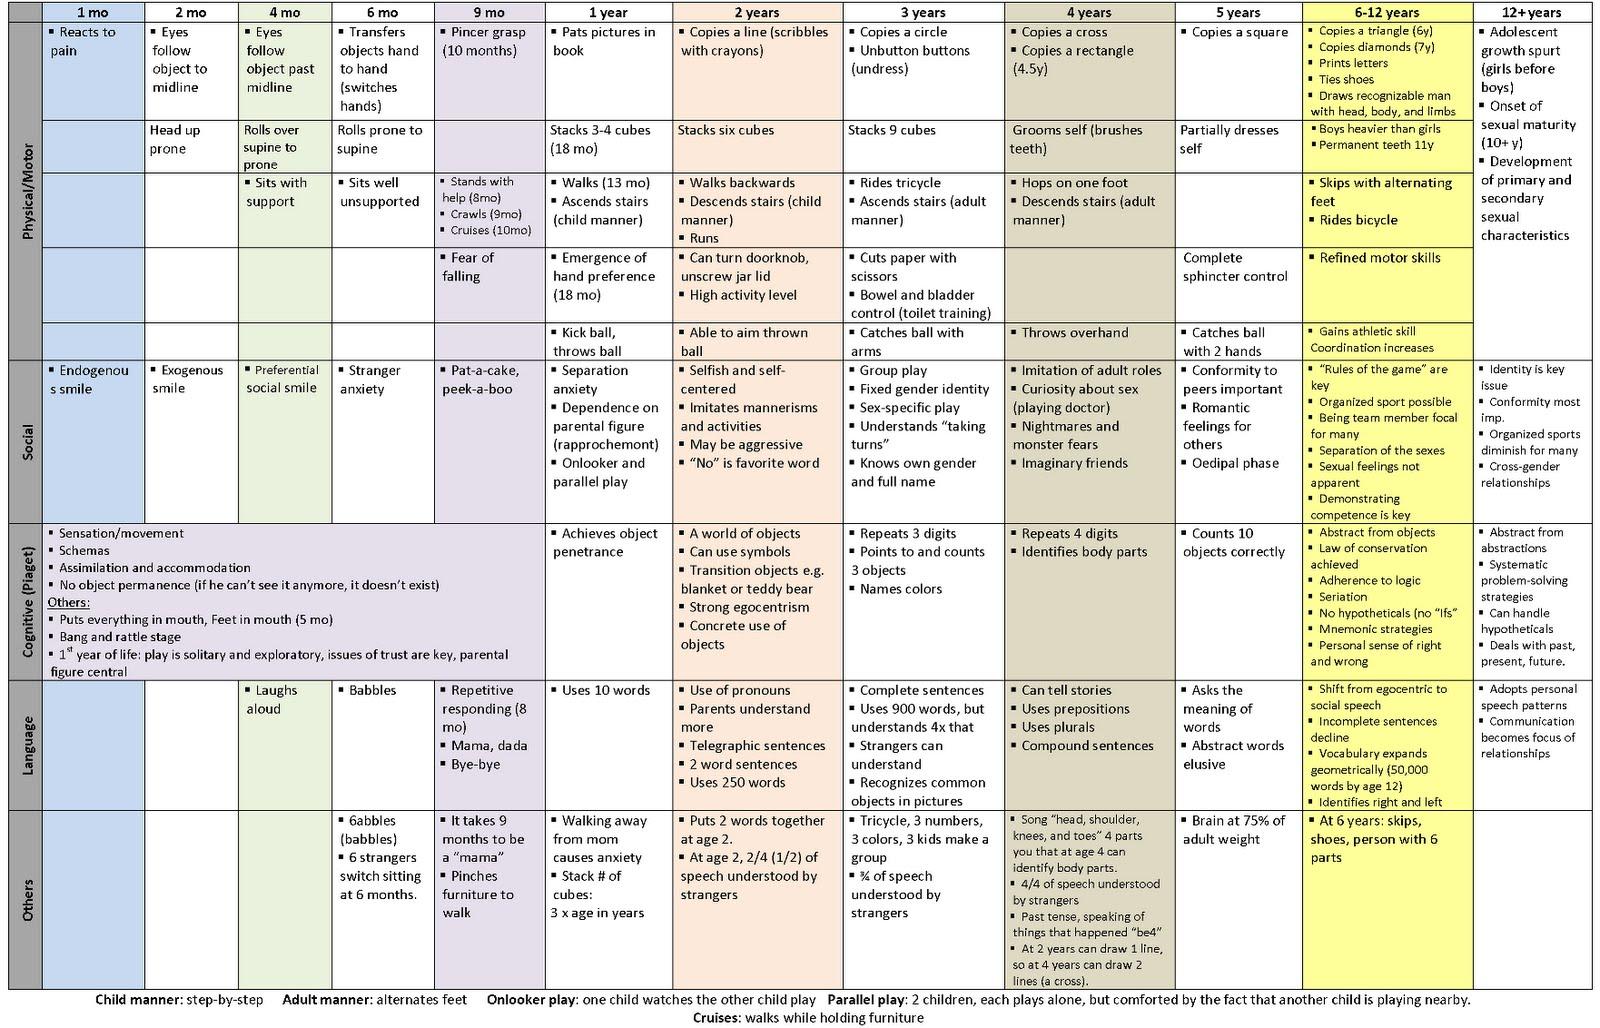 Baby And Child Development Checklist Nipissing Developmental | Perezzies - Emg Wiring Diagram